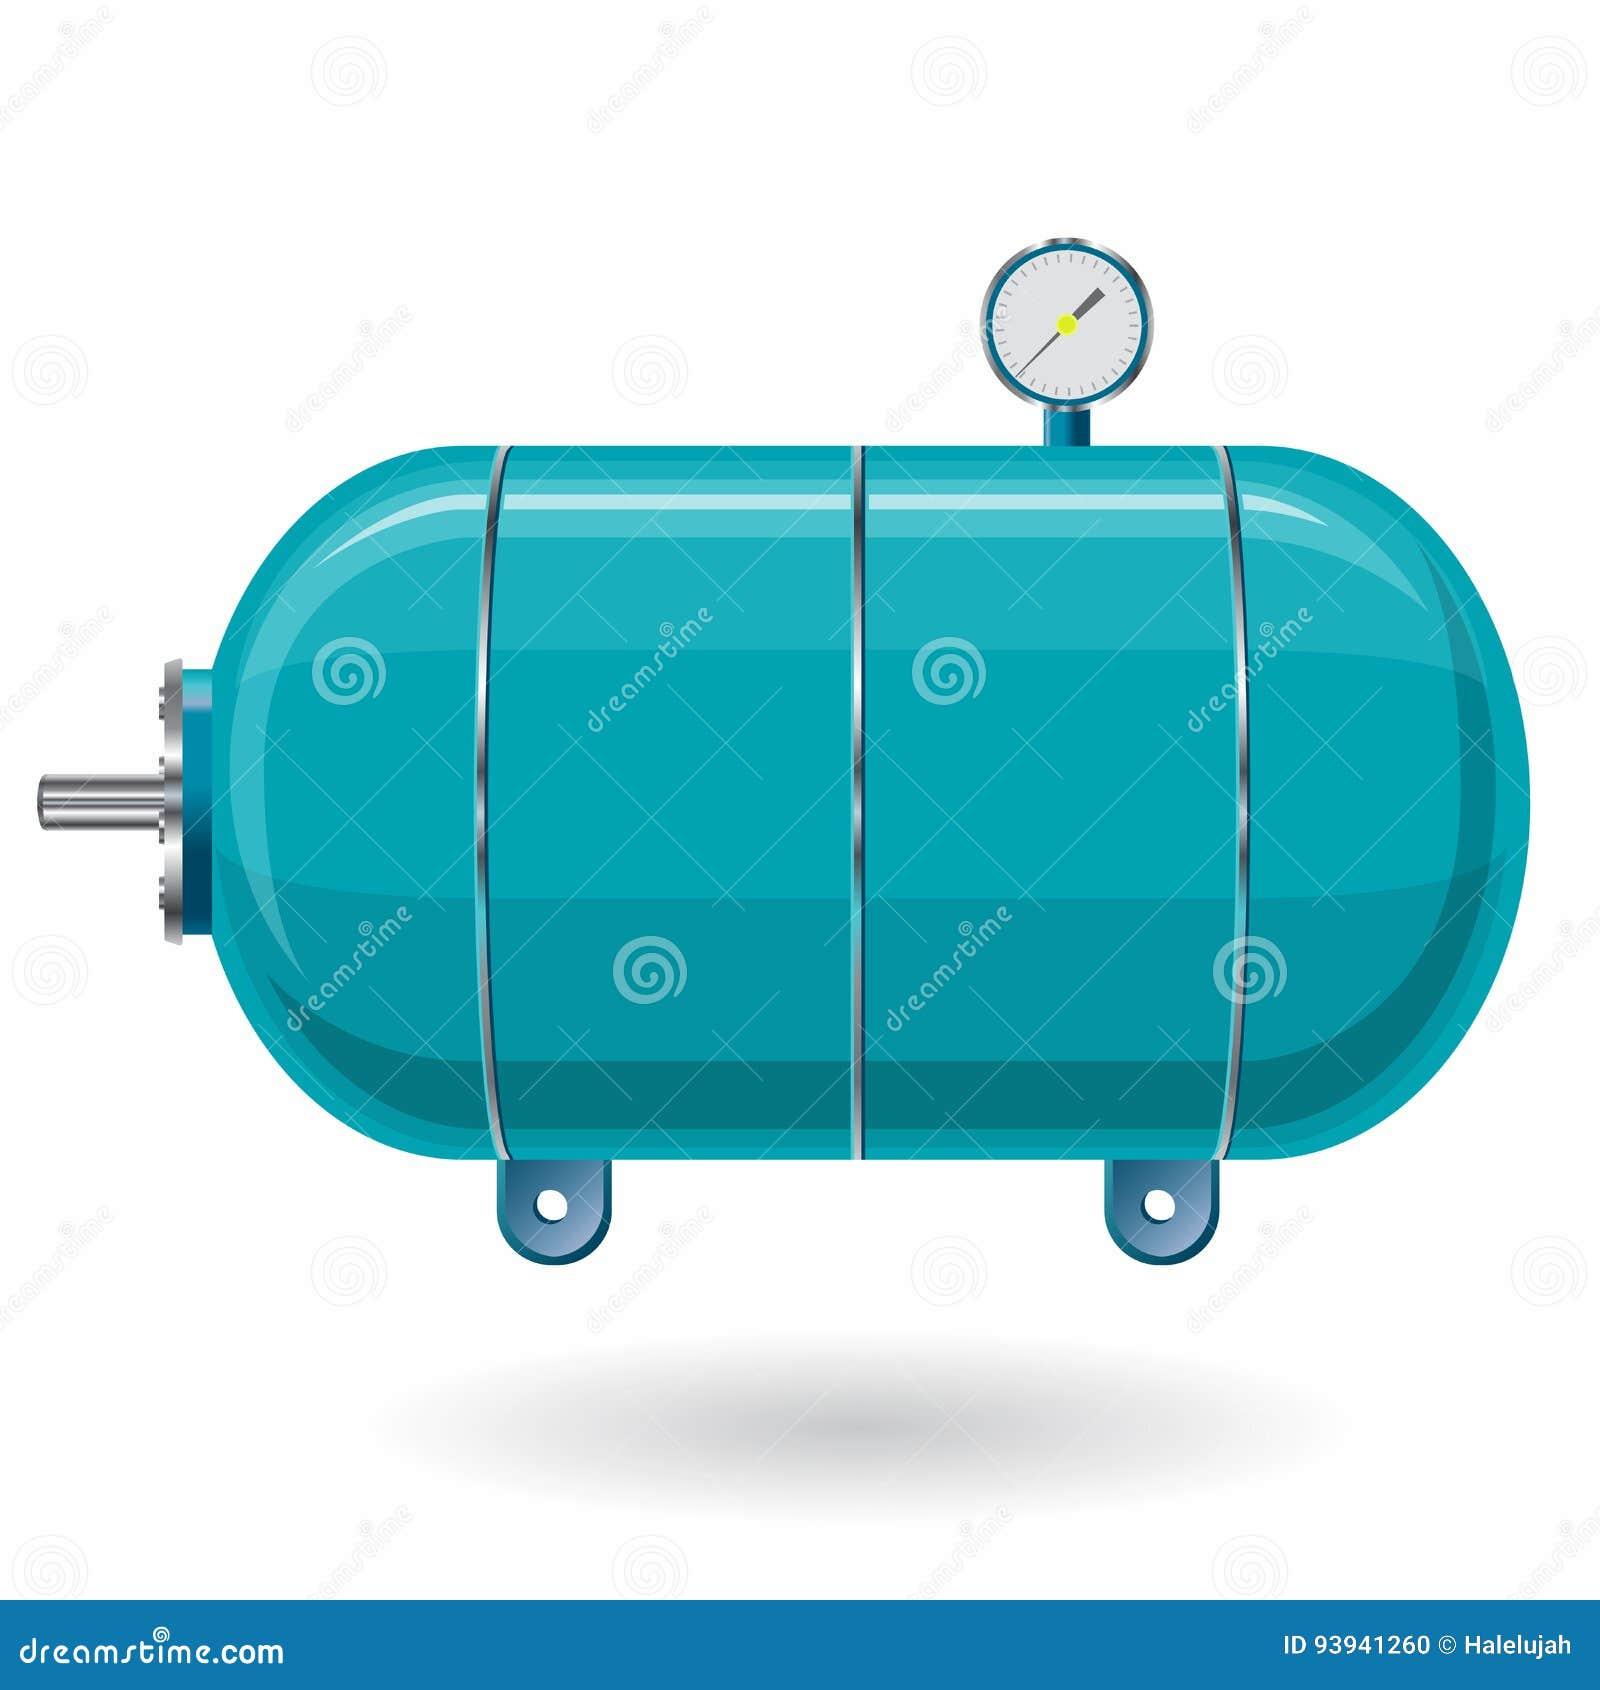 blauer druckbehälter für wasser, gas, luft druckbehälter für